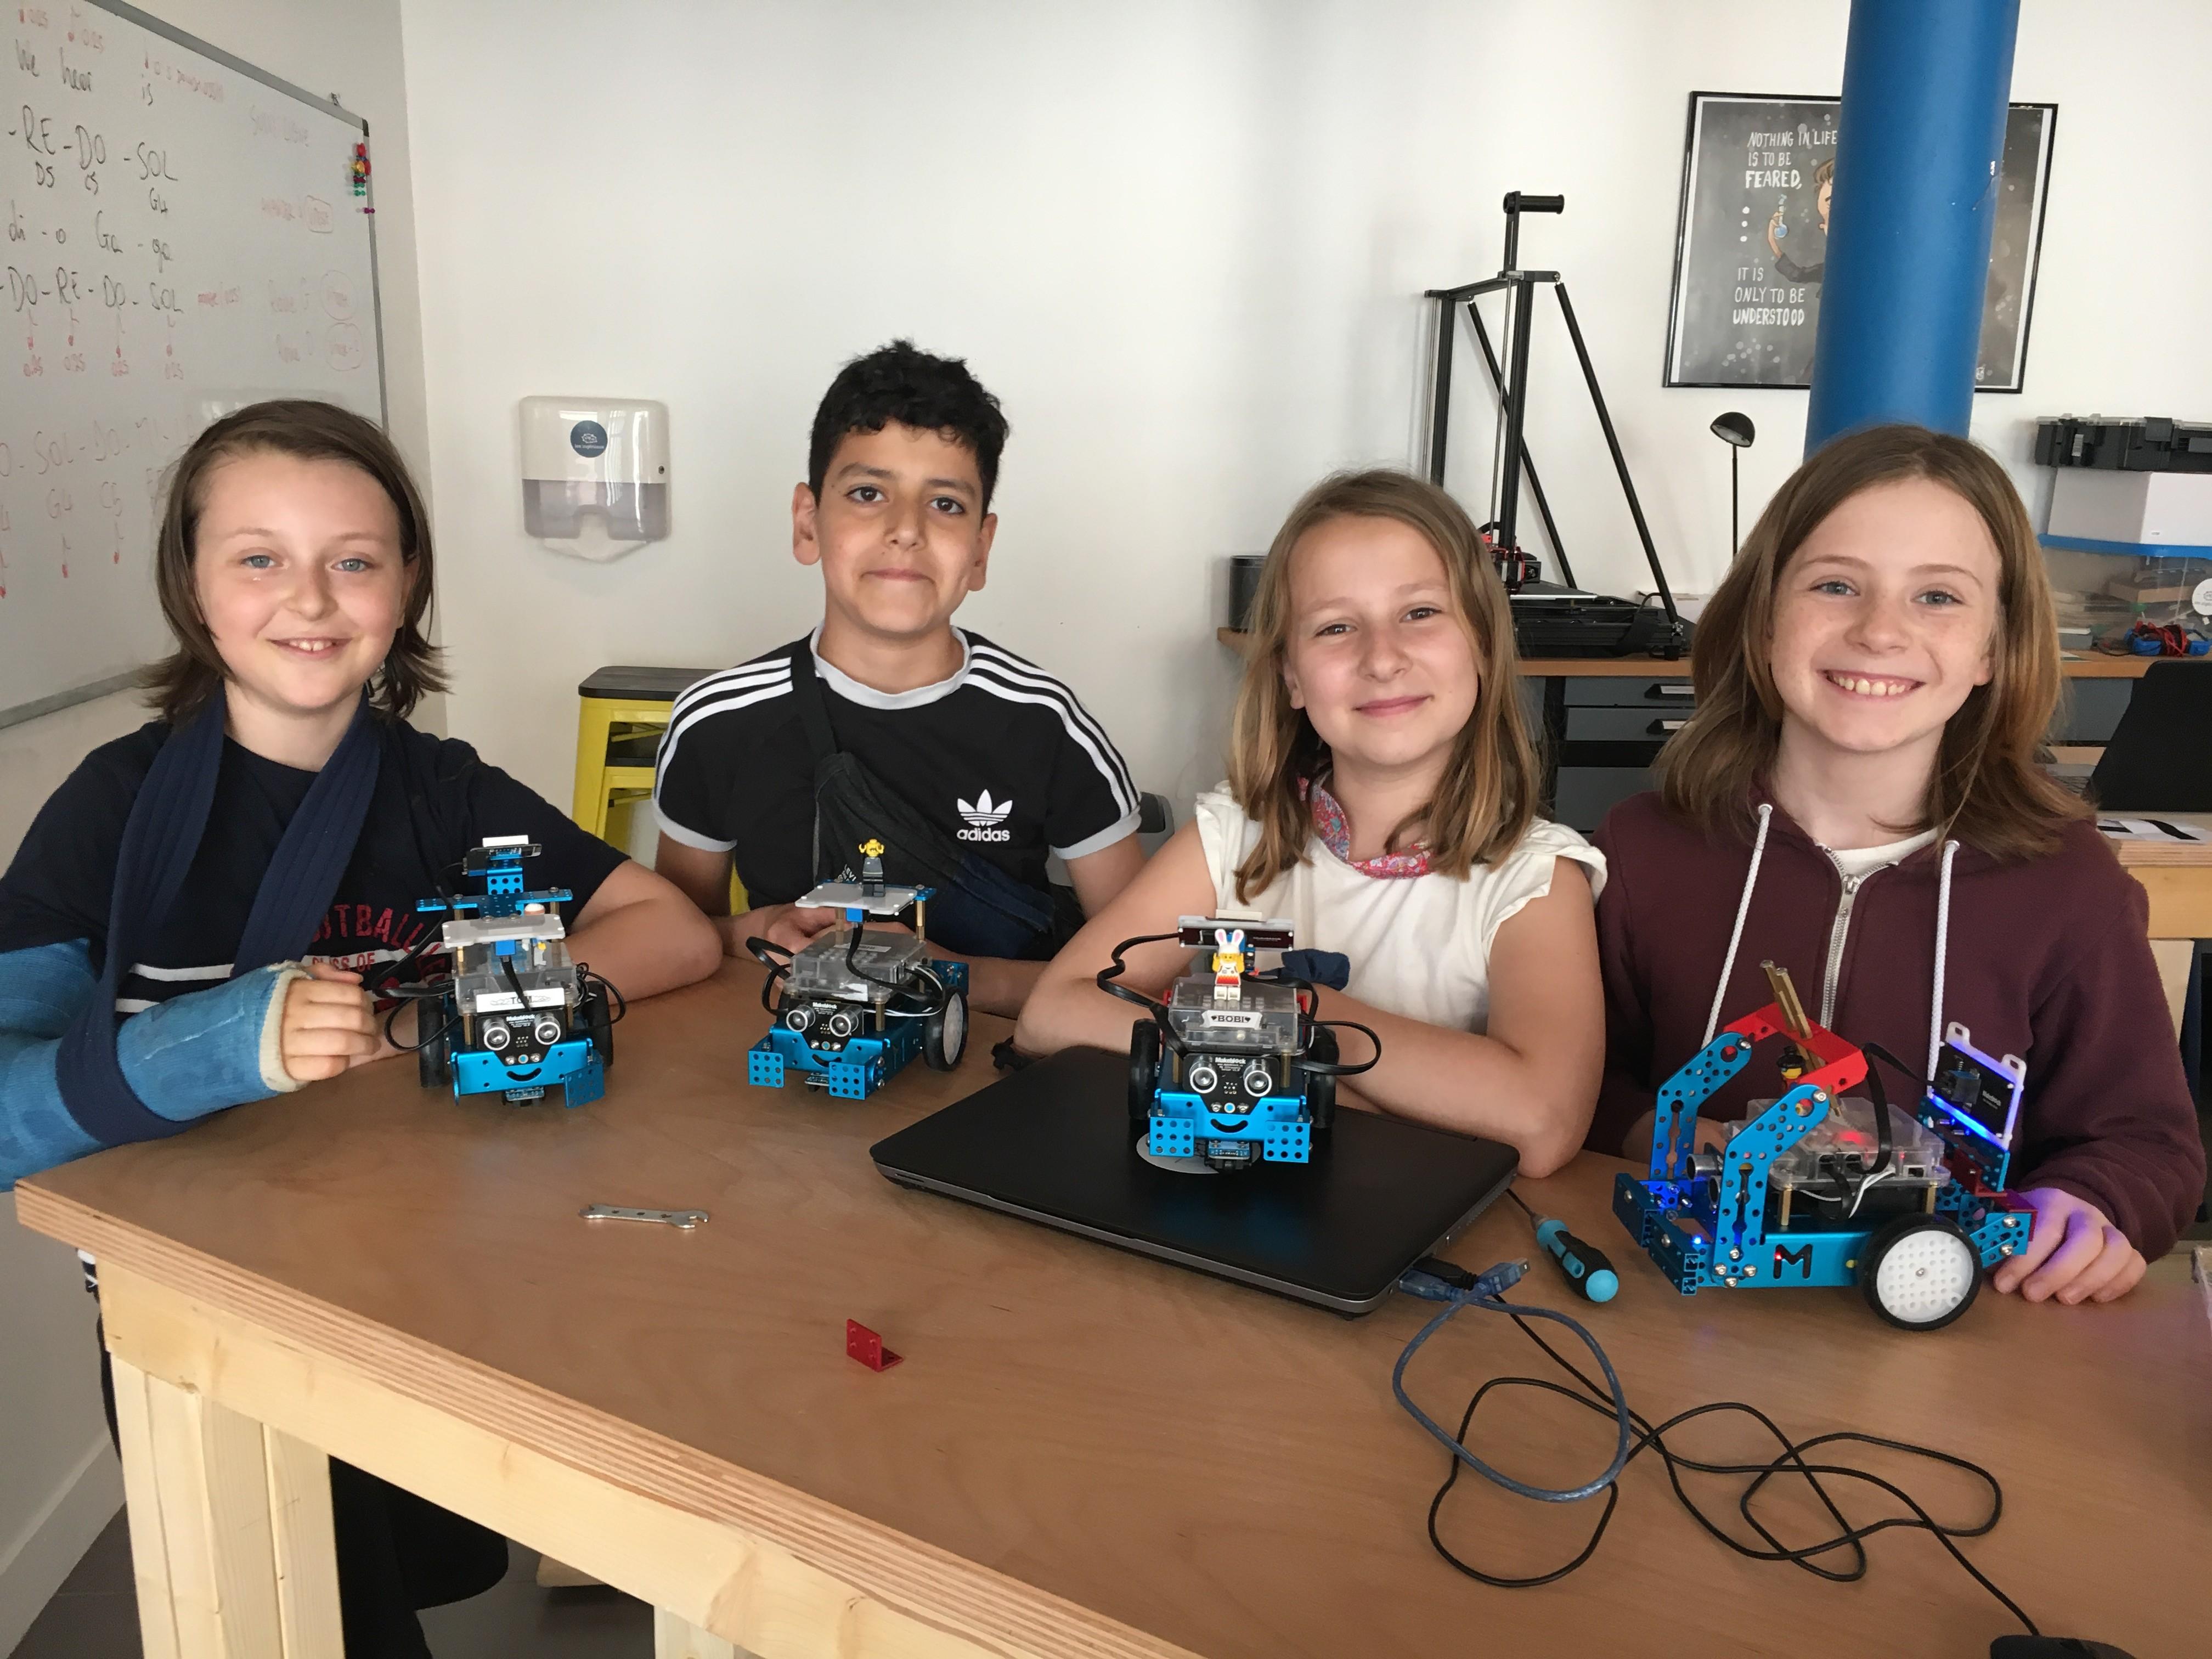 Une super équipe pour le stage de robotique